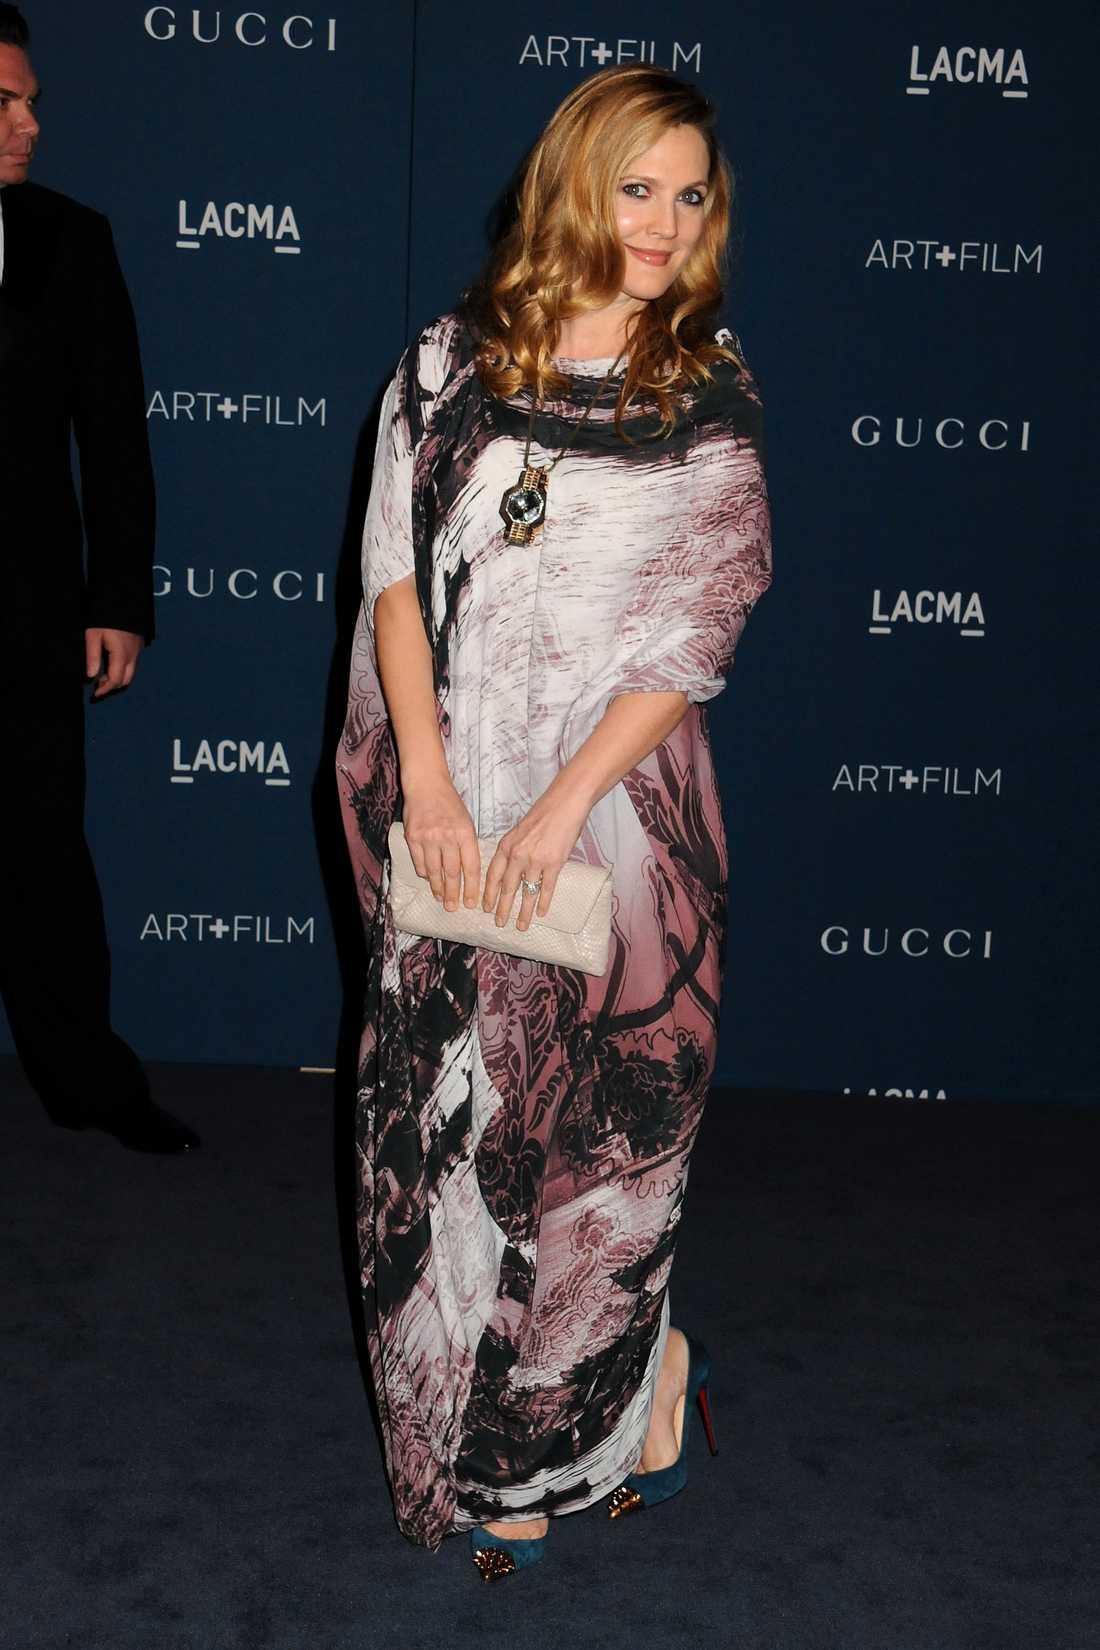 Drew Barrymore Under den böljande Vivienne Westwood Anglomania-klänningen gömmer sig en liten bebismage! Grattis säger vi till Drew Barrymore som väntar sitt och maken Will Kopelmans andra barn, här på LACMA-galan i LA.